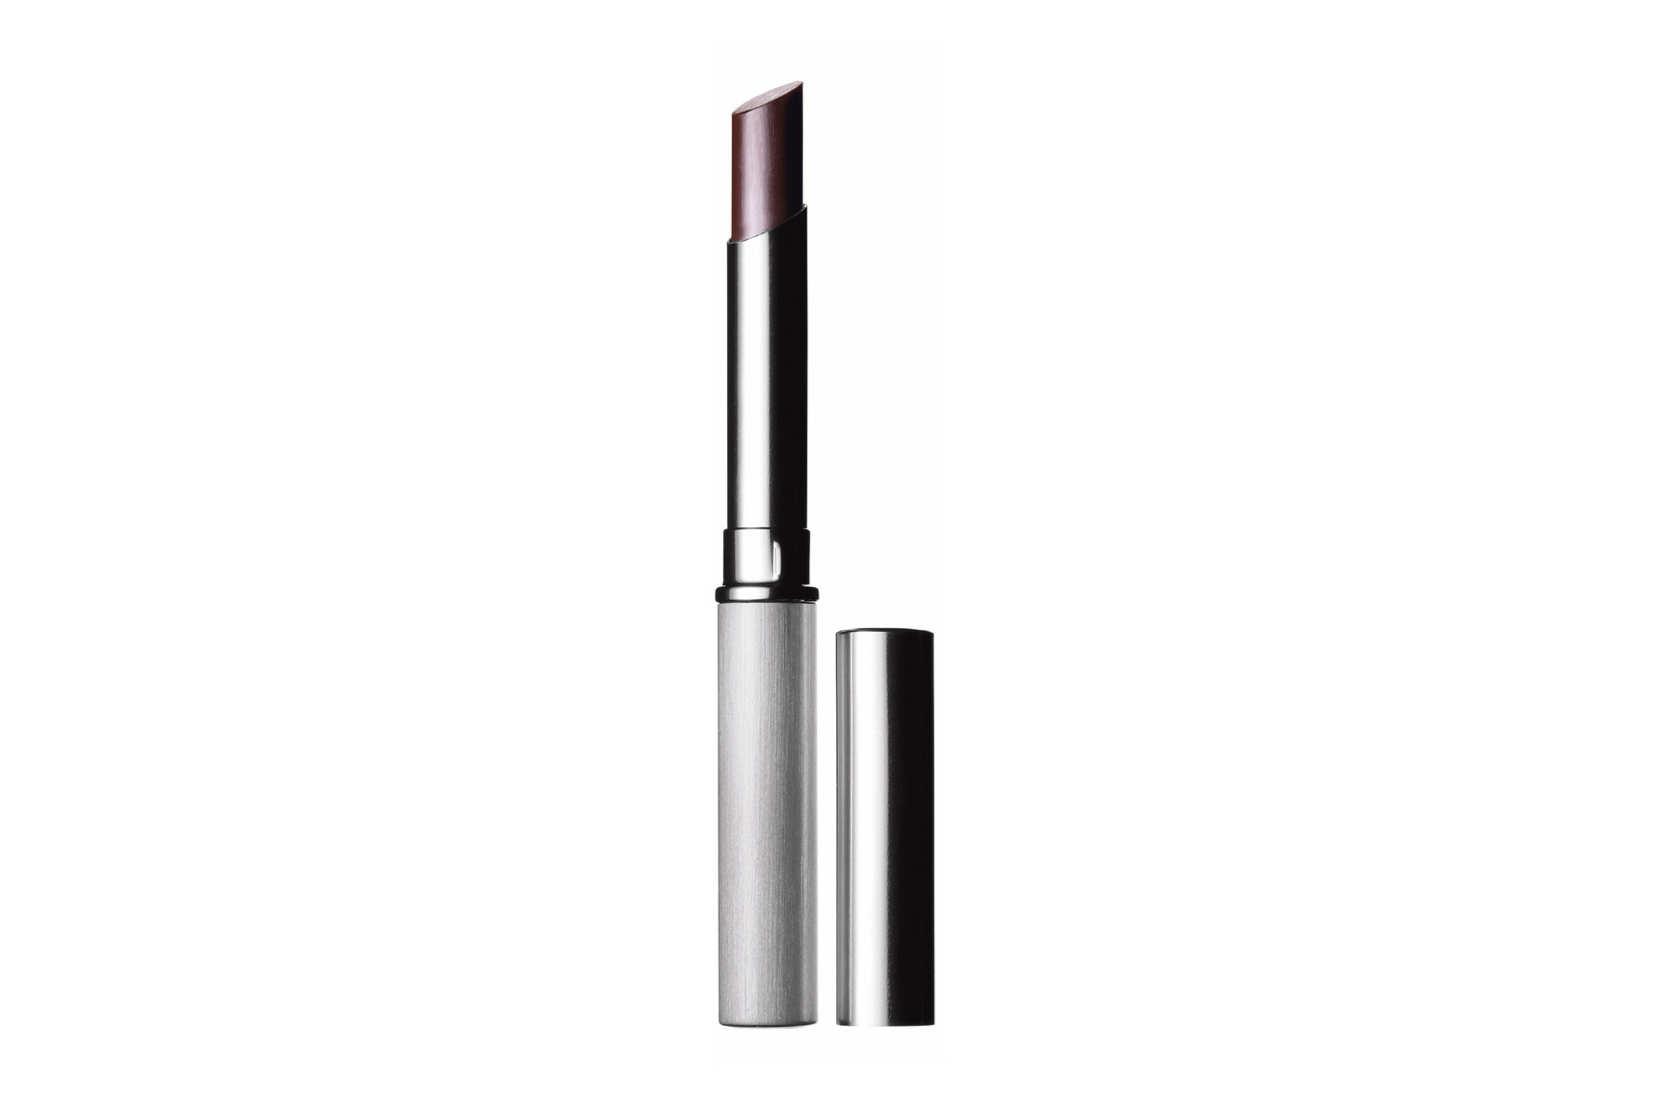 lipstick-05.nocrop.w840.h1330.2x